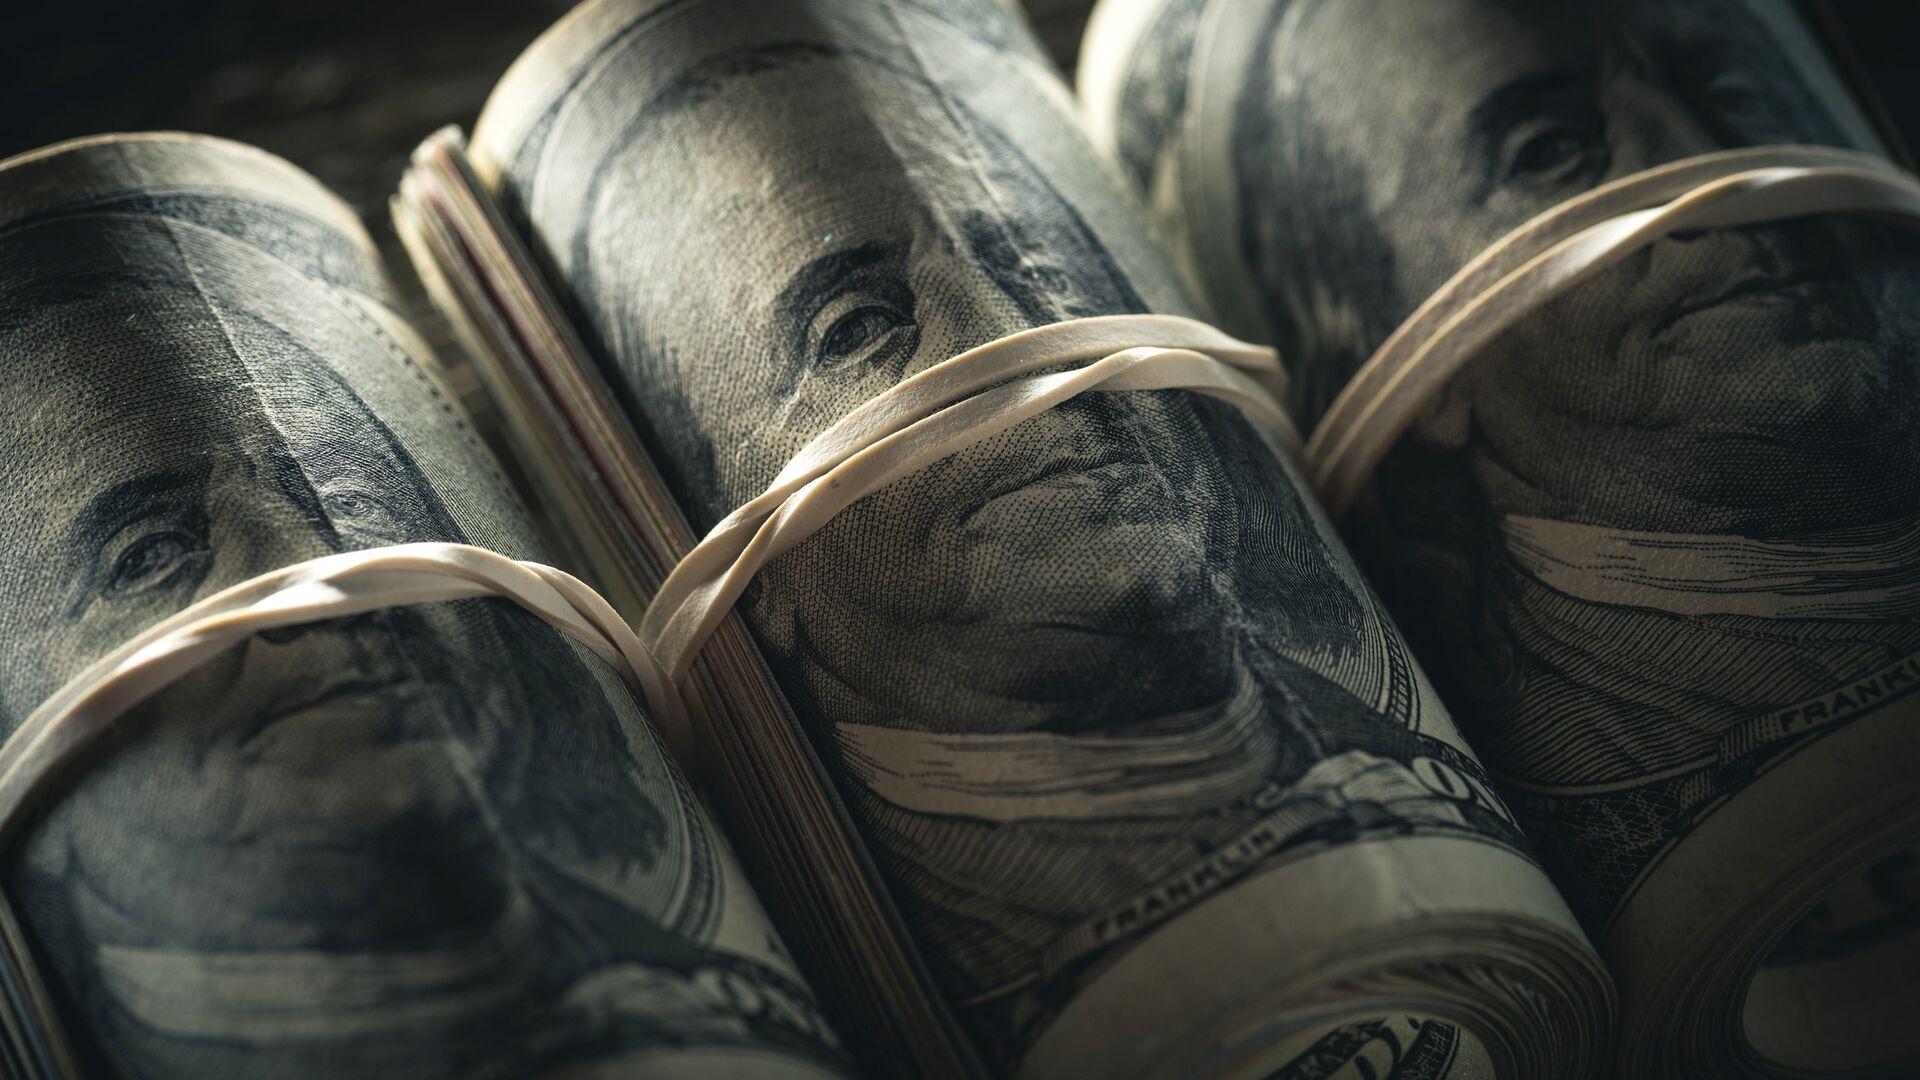 Американские доллары - РИА Новости, 1920, 25.02.2021